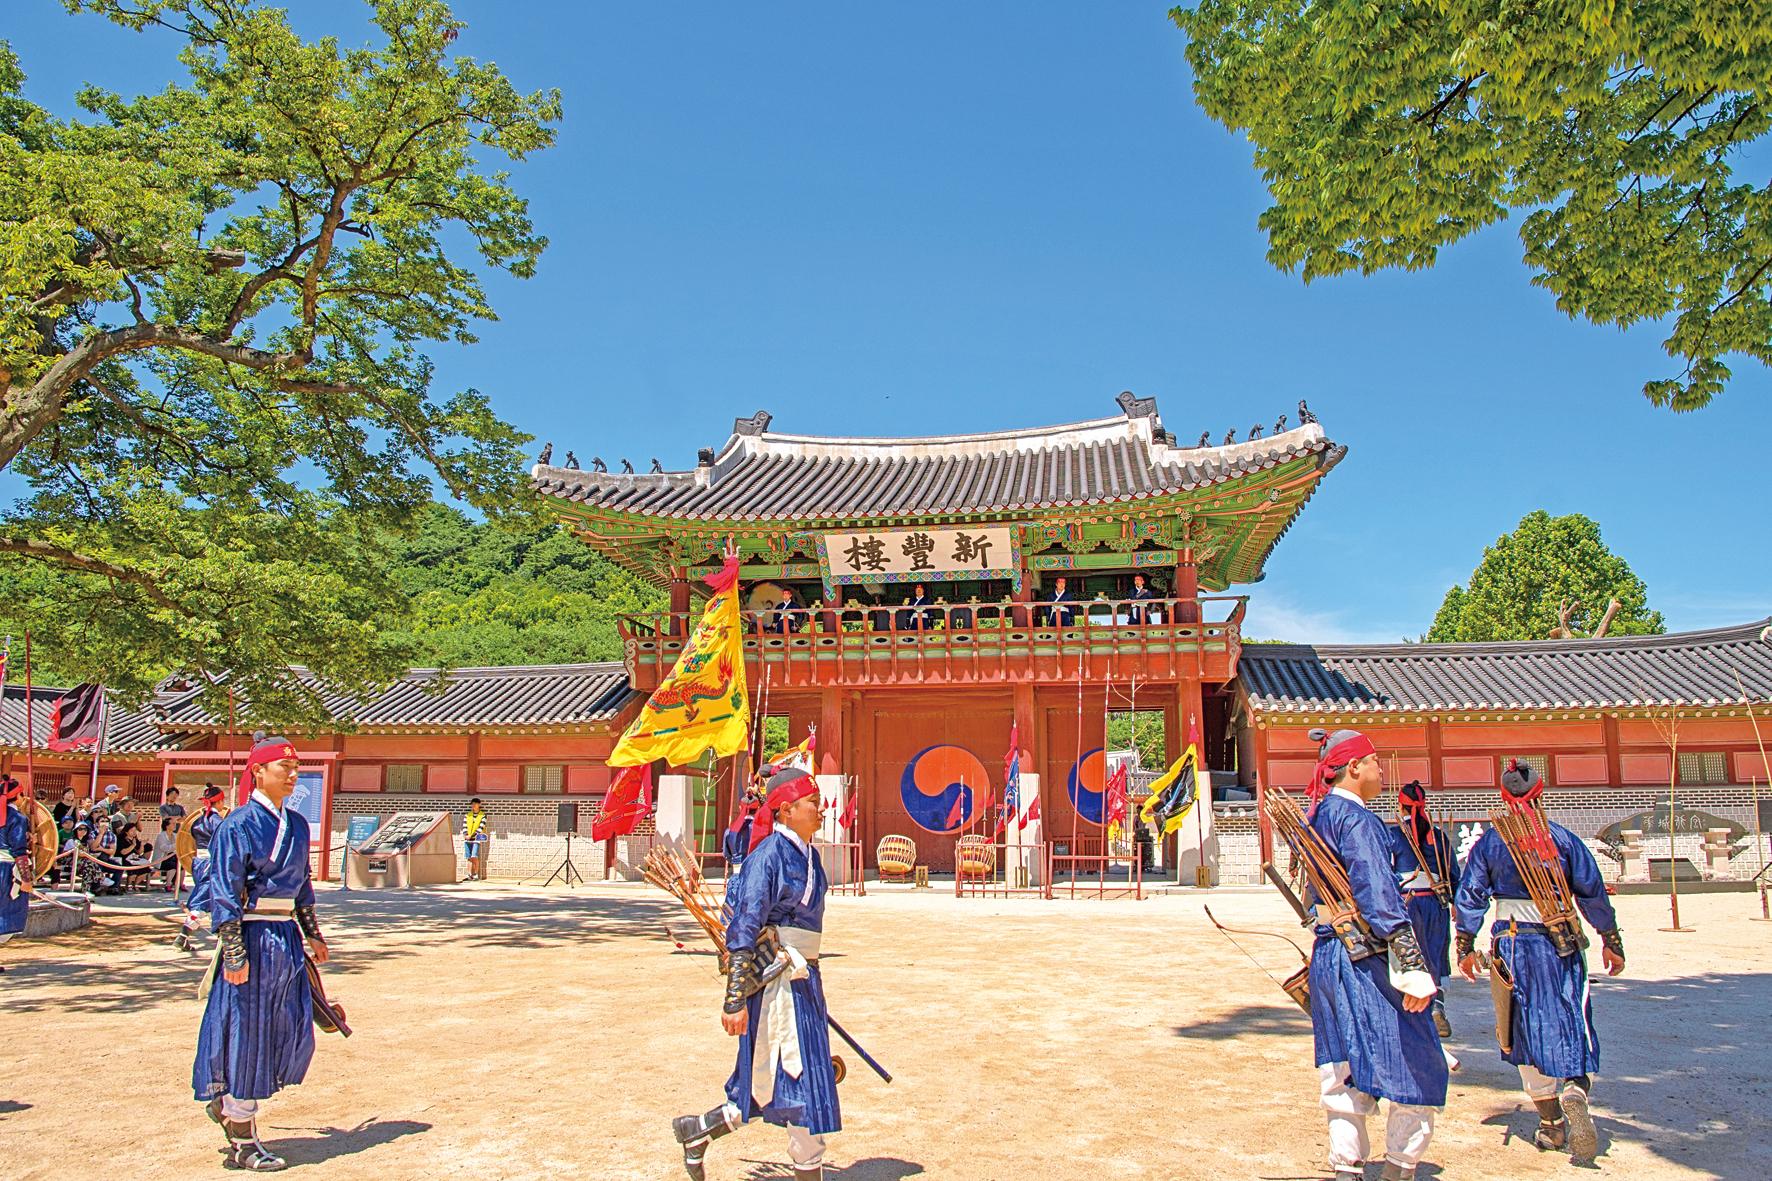 高麗是朝鮮半島古代王朝之一。隋、唐時稱為「高麗」。也稱為「句驪」、「朝鮮」。(Shutterstock)